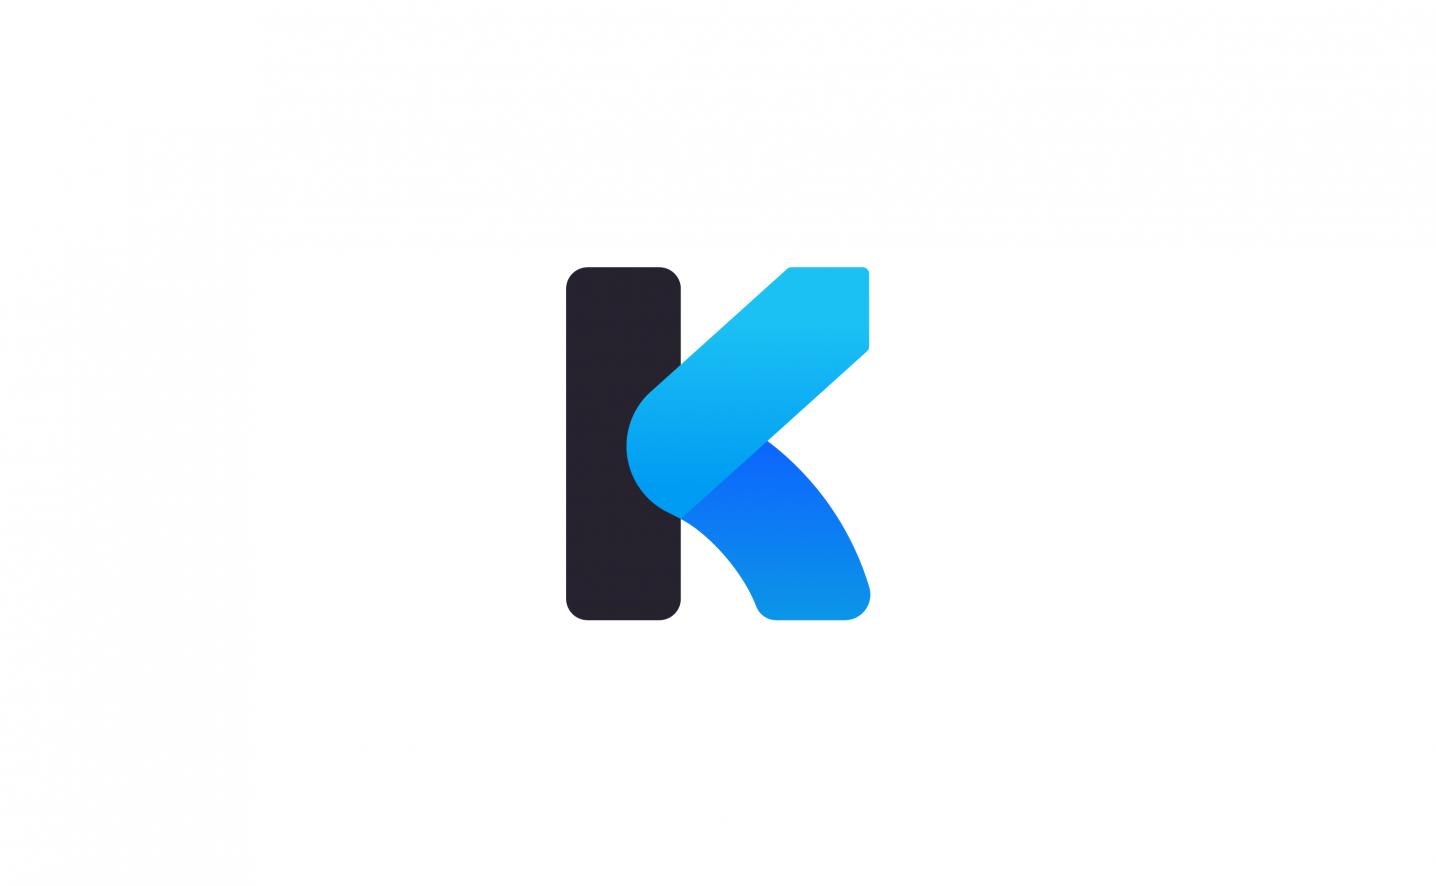 kerbi-logo-design-2